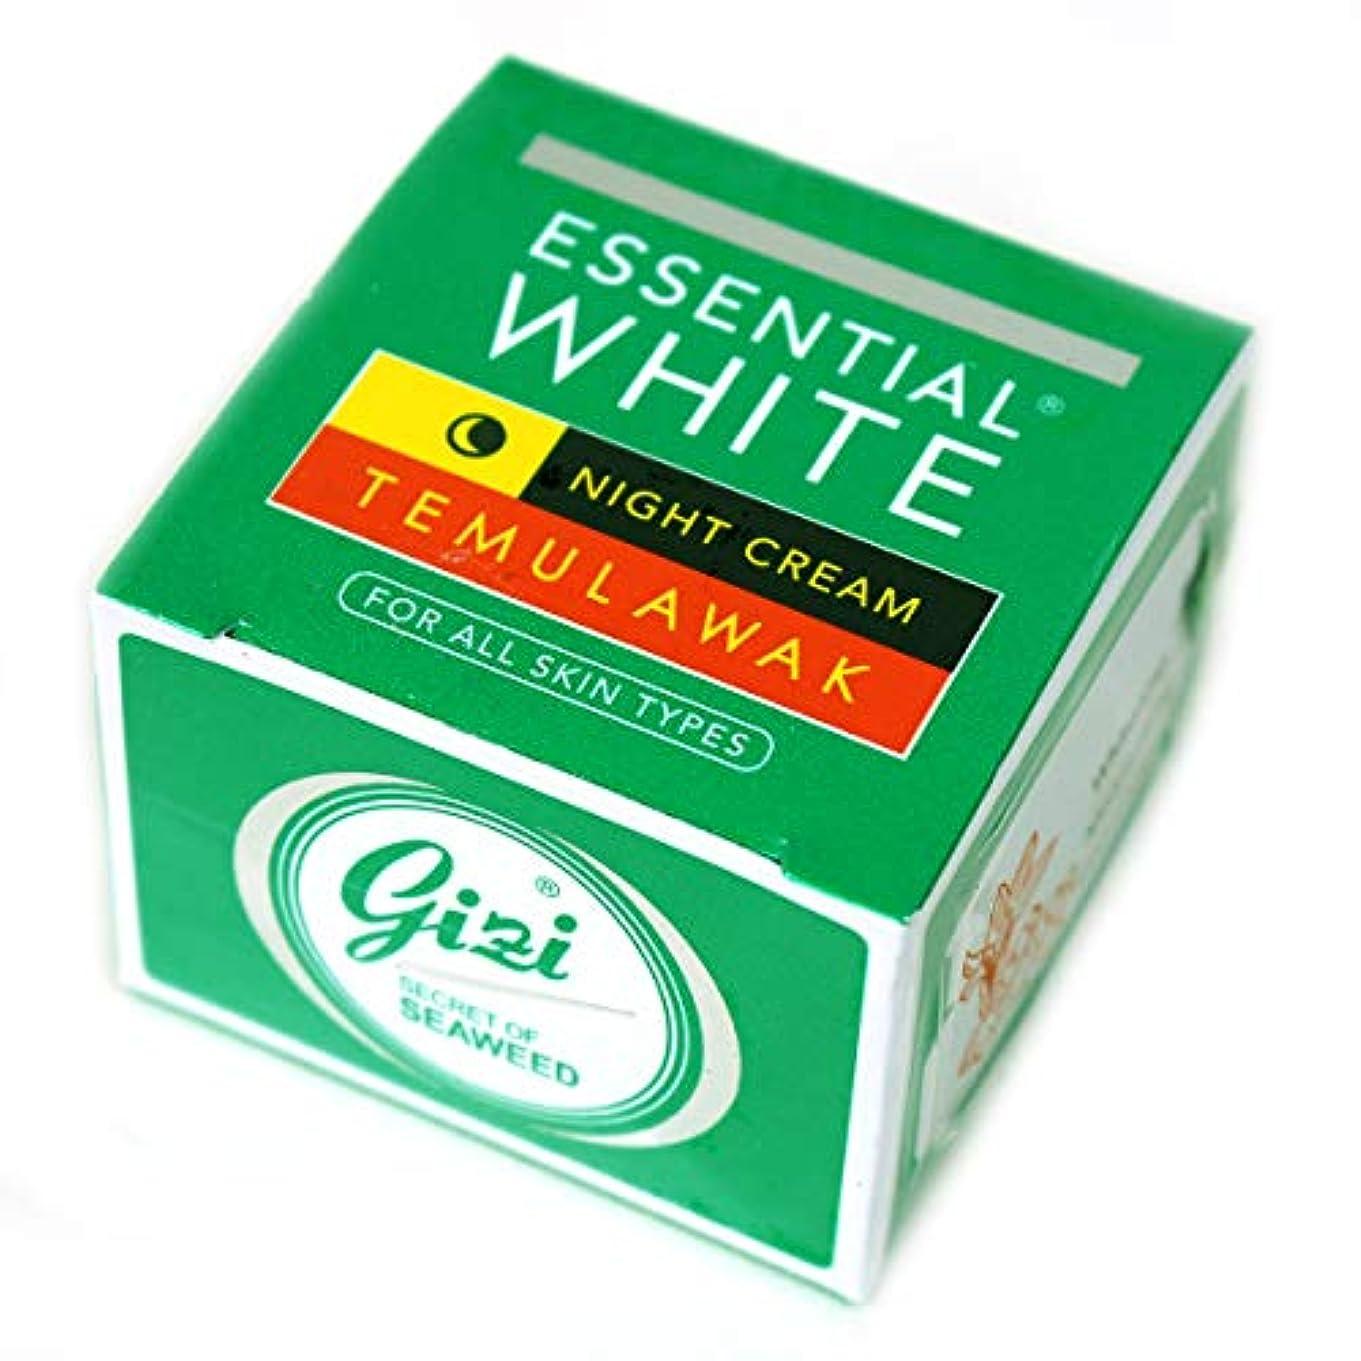 精神的に花輪非武装化ギジ gizi Essential White ナイト用スキンケアクリーム ボトルタイプ 9g テムラワク ウコン など天然成分配合 [海外直送品]